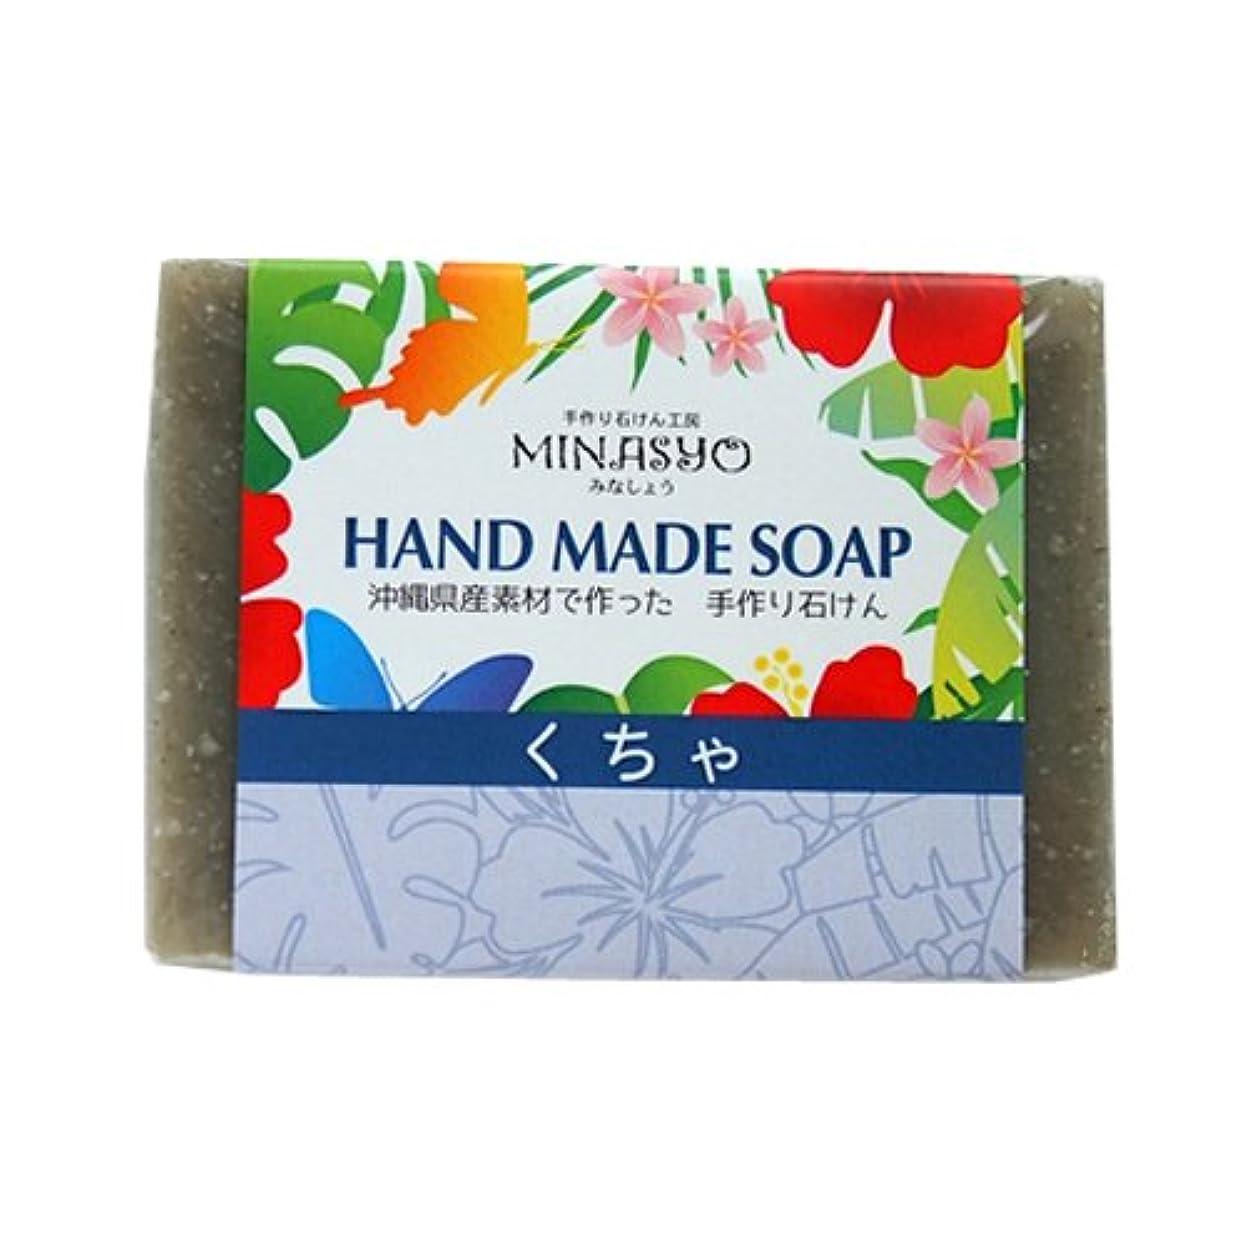 レイ毒液数学的な洗顔 石鹸 無添加 沖縄くちゃ みなしょう 手作りくちゃ石鹸 100g×10個